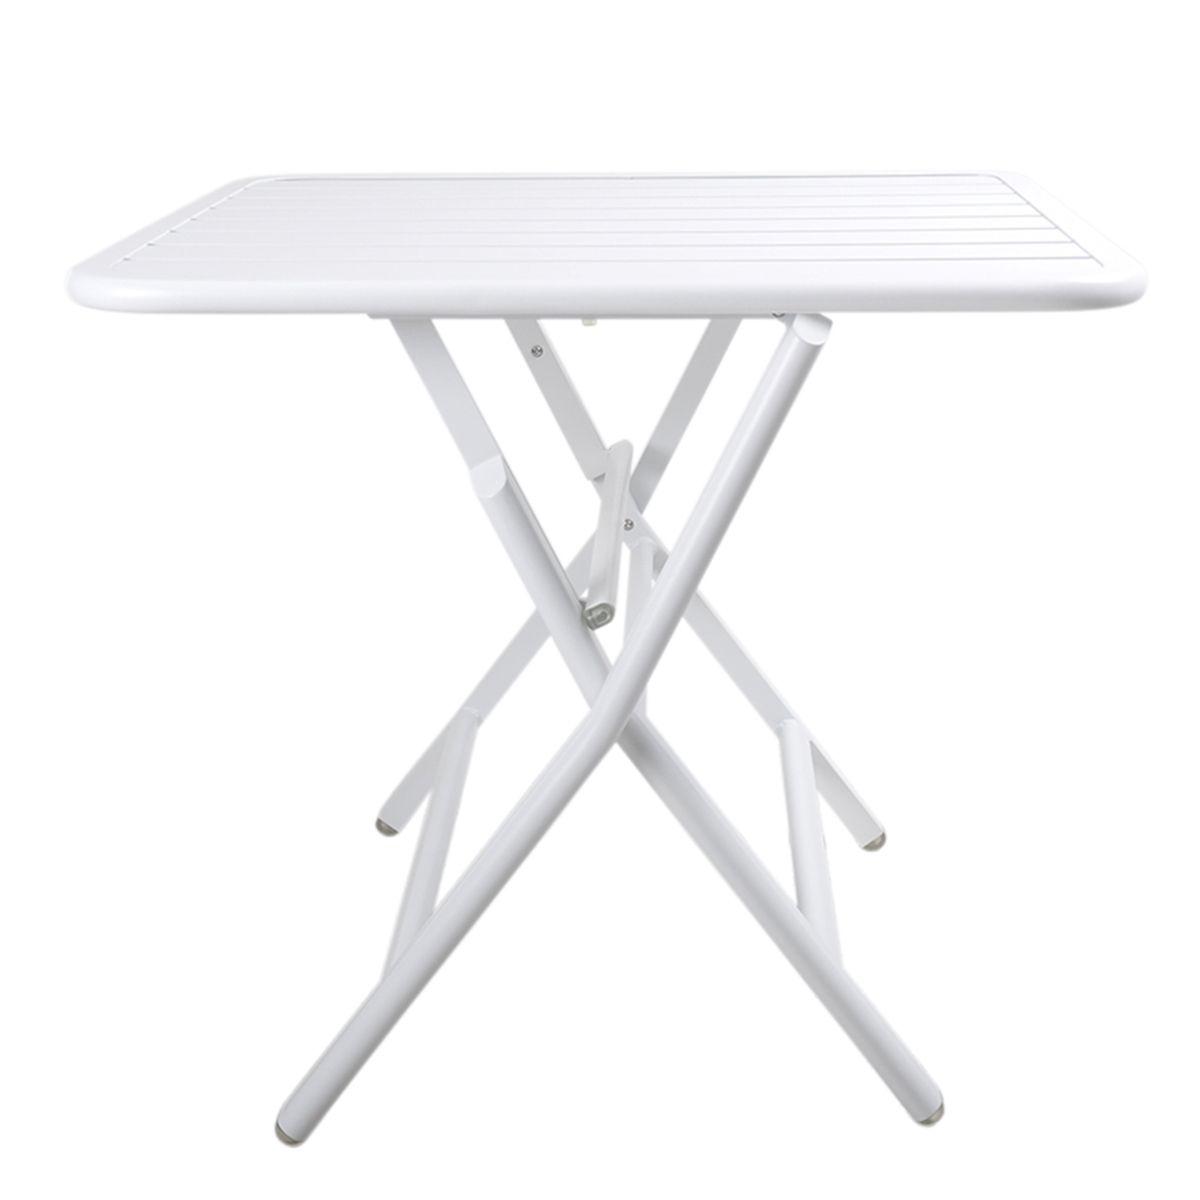 Vespa Folding Table Online Only White Matt Blatt Table